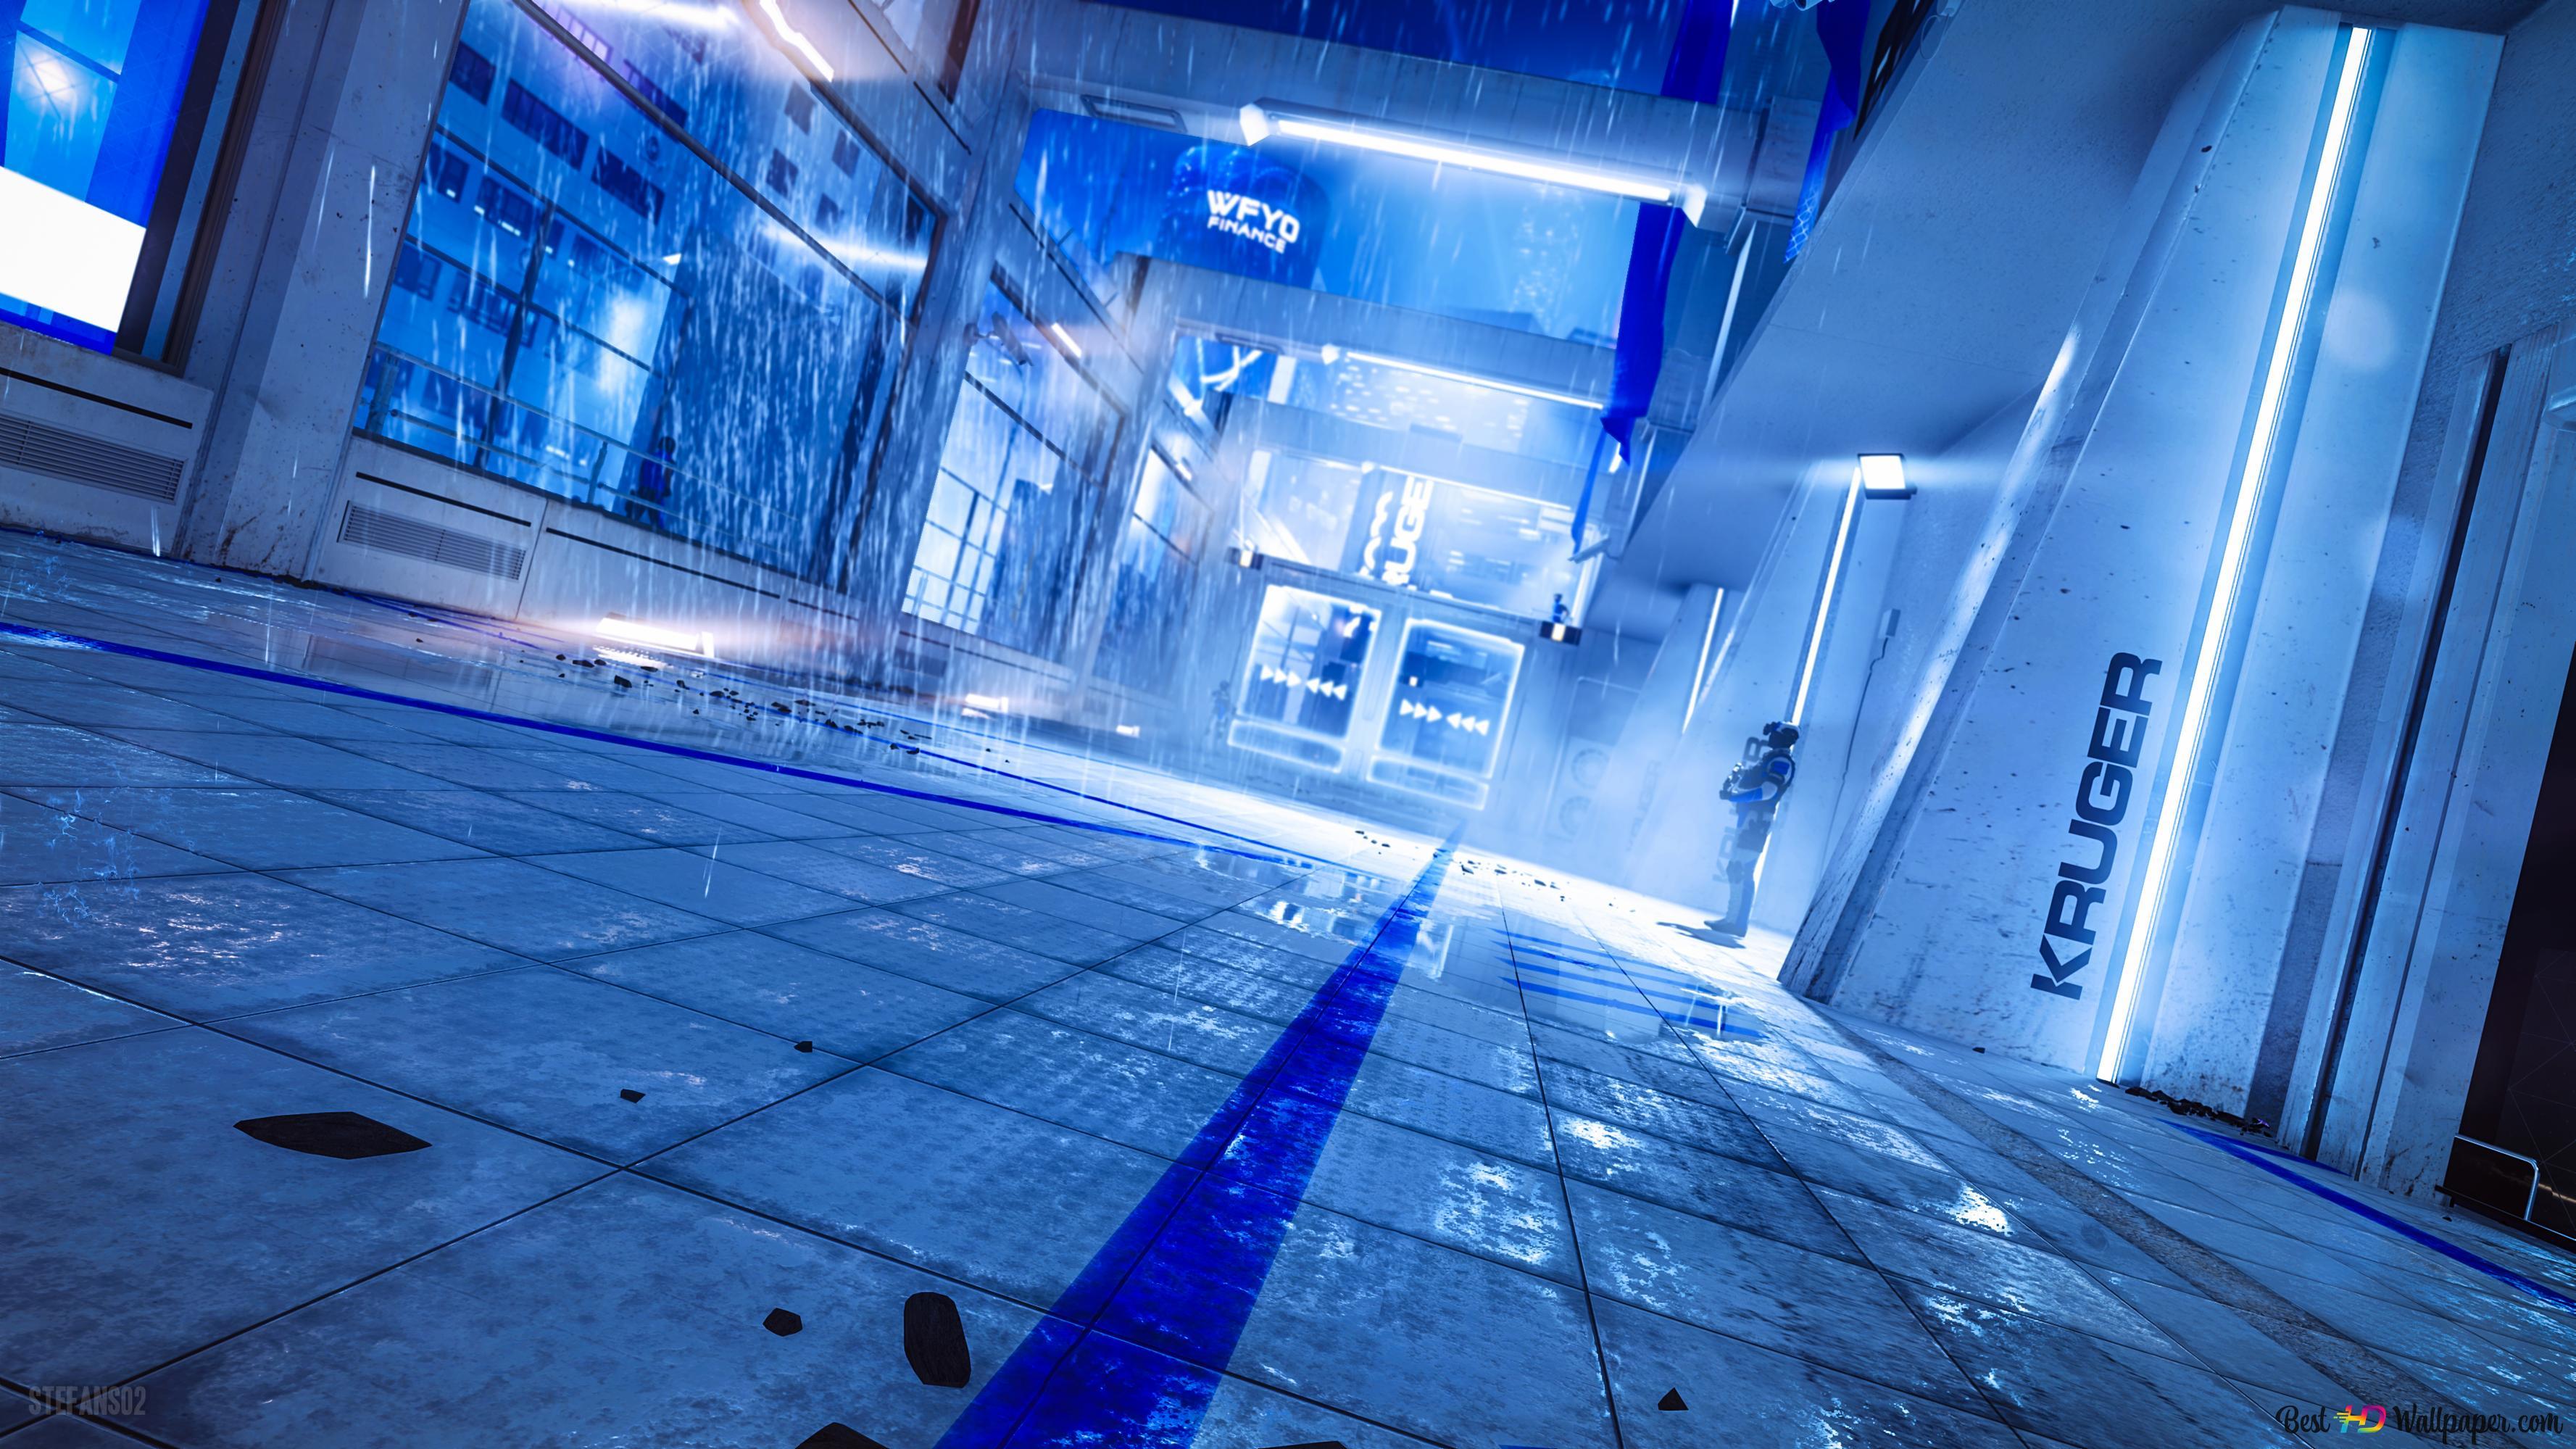 Mirror S Edge Catalyst Hd Wallpaper Download